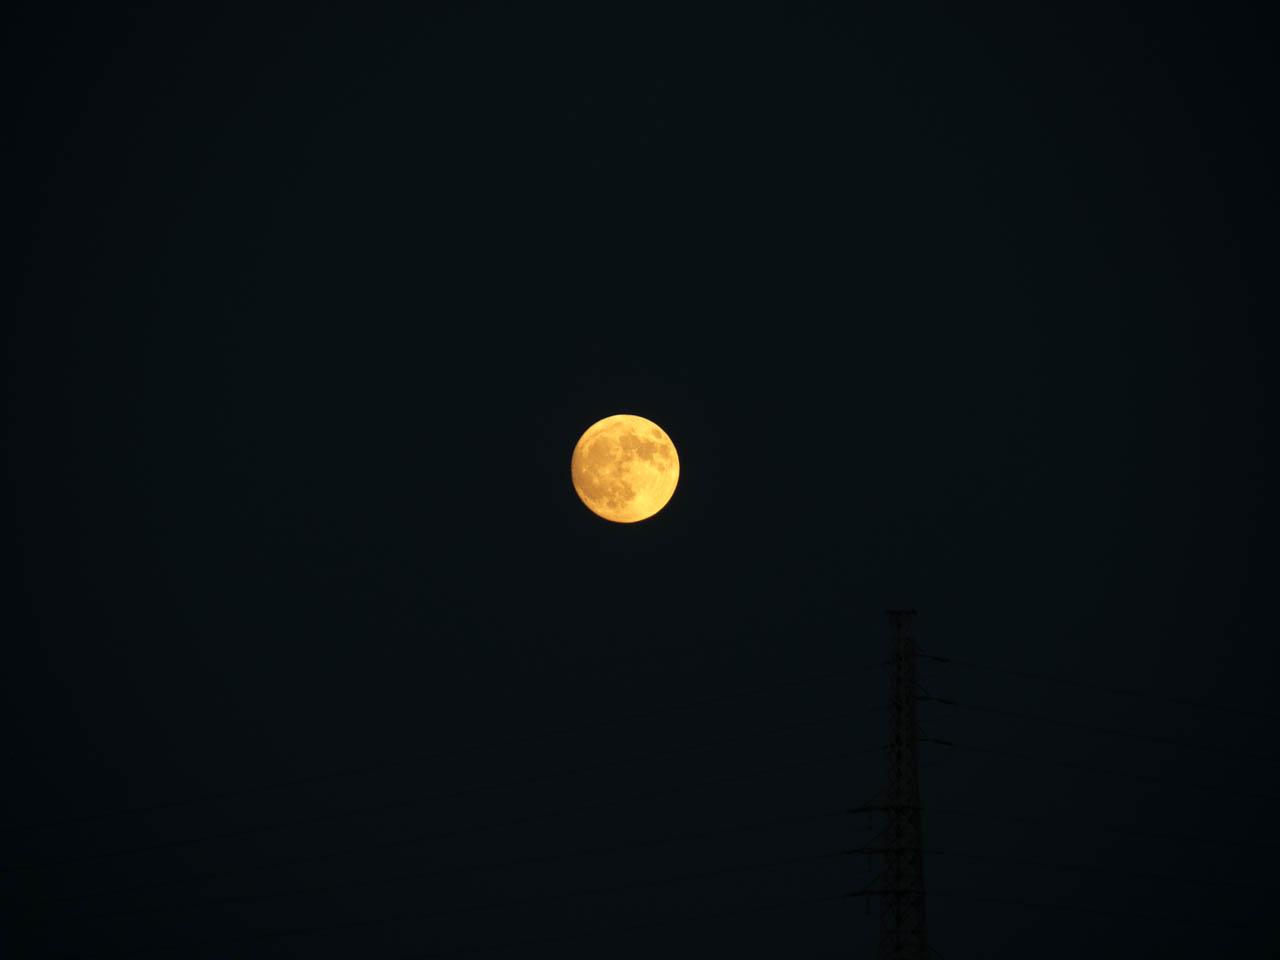 東の空に月が見えていた